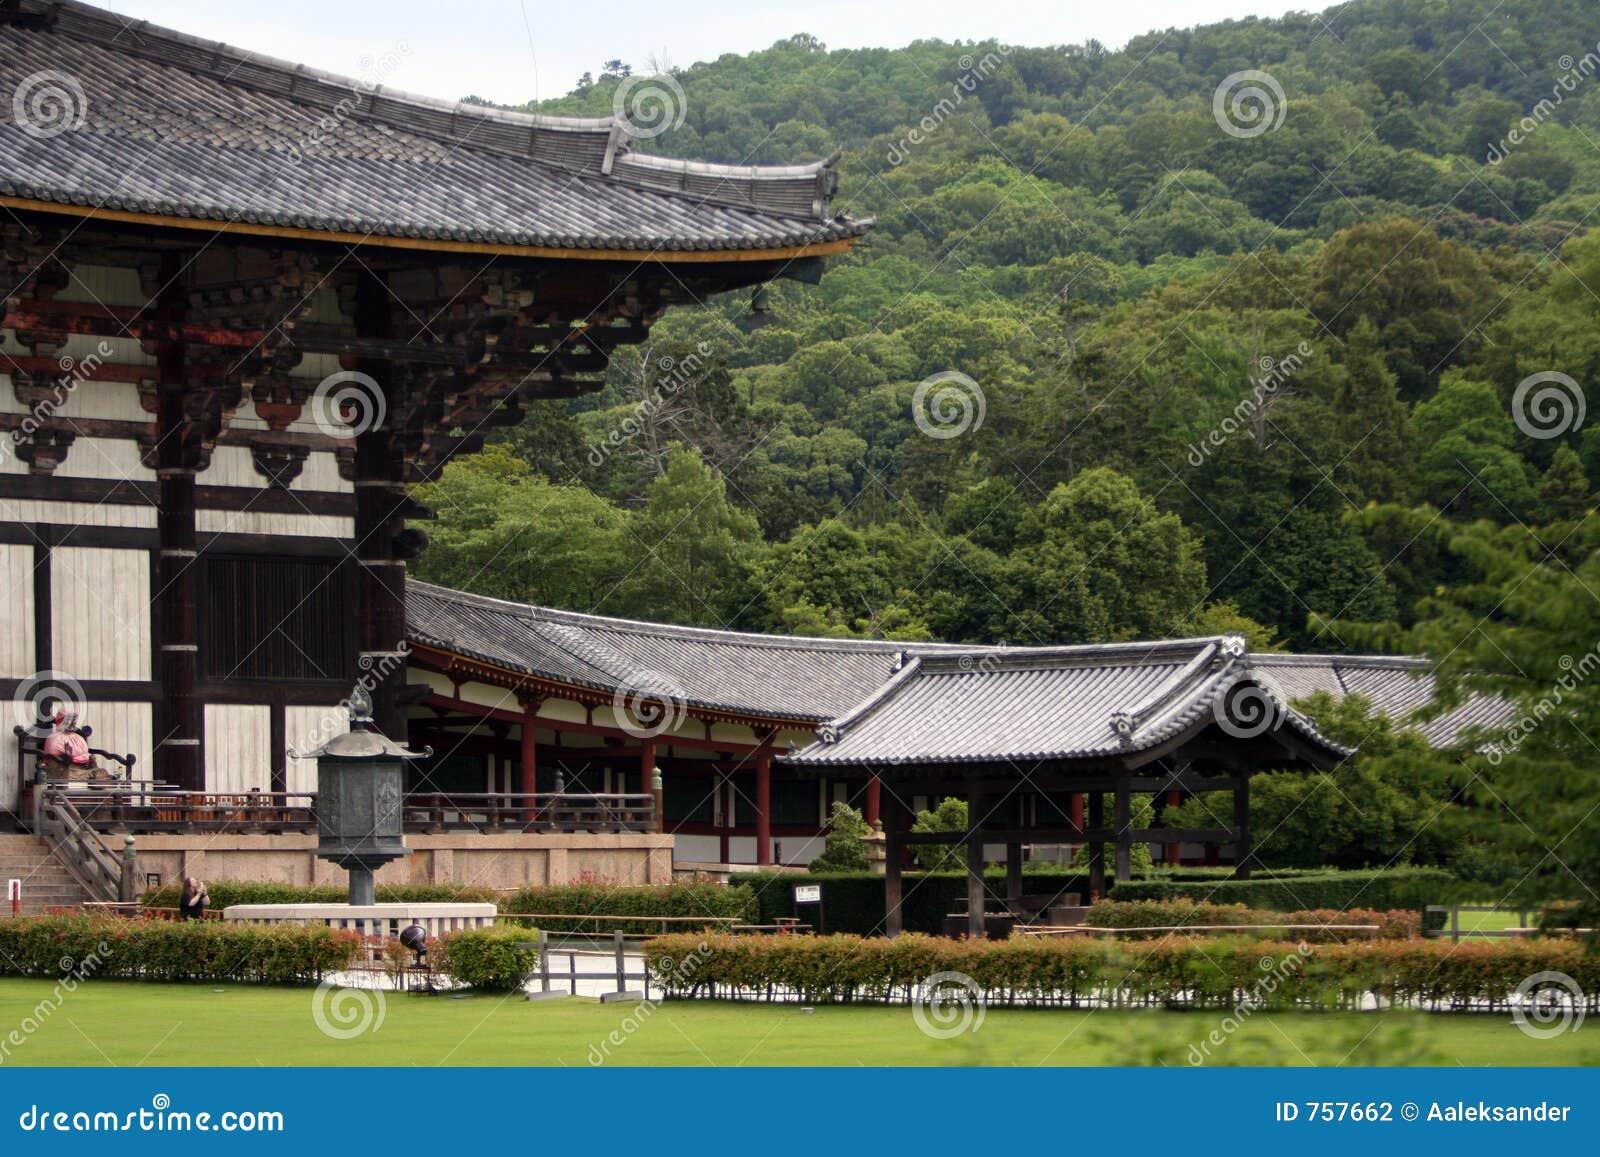 Japanische architektur stockfotografie bild 757662 - Traditionelle japanische architektur ...